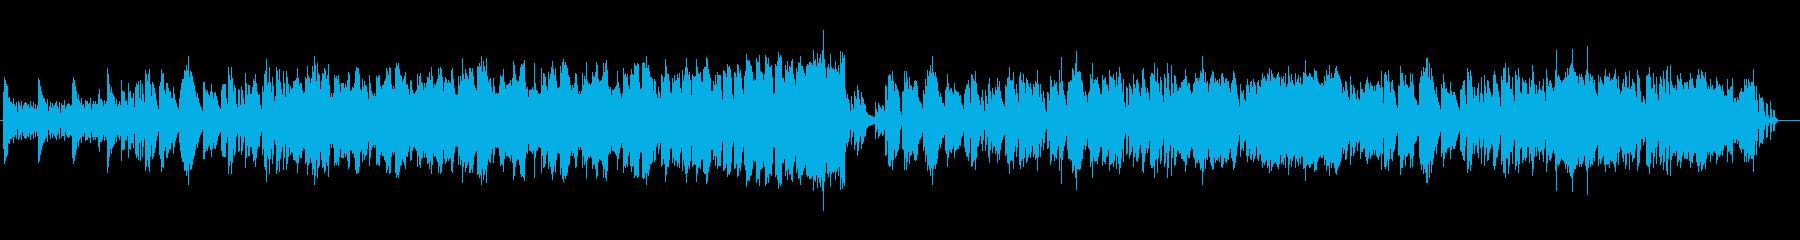 ジブリの楽曲のようなピアノソロの再生済みの波形